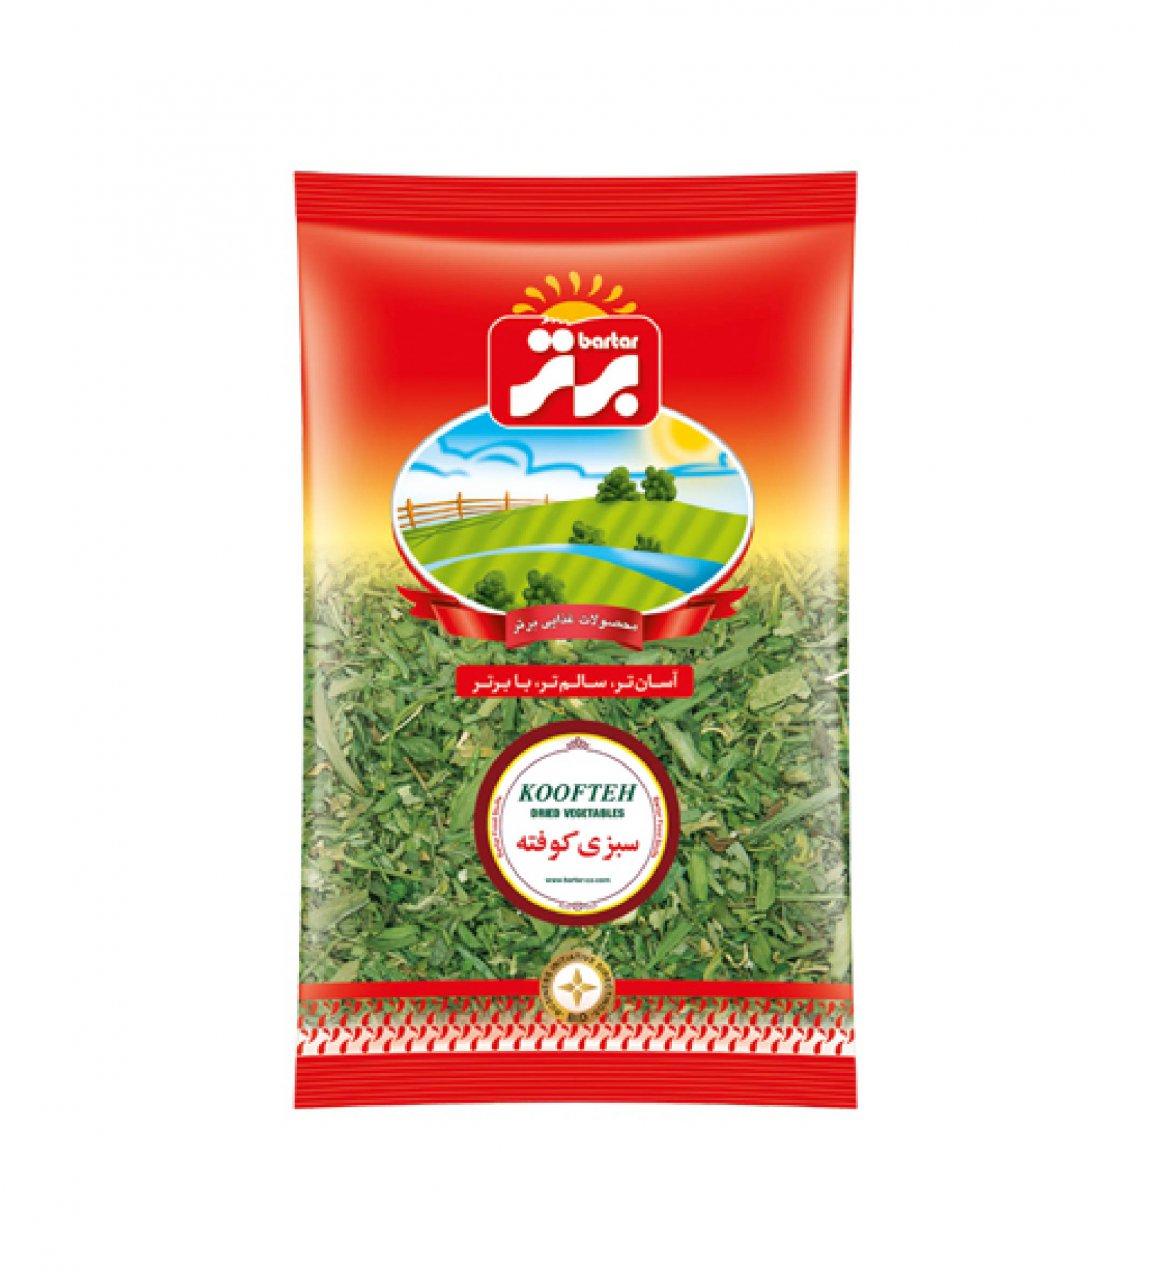 سبزی کوفته 70 گرم برتر